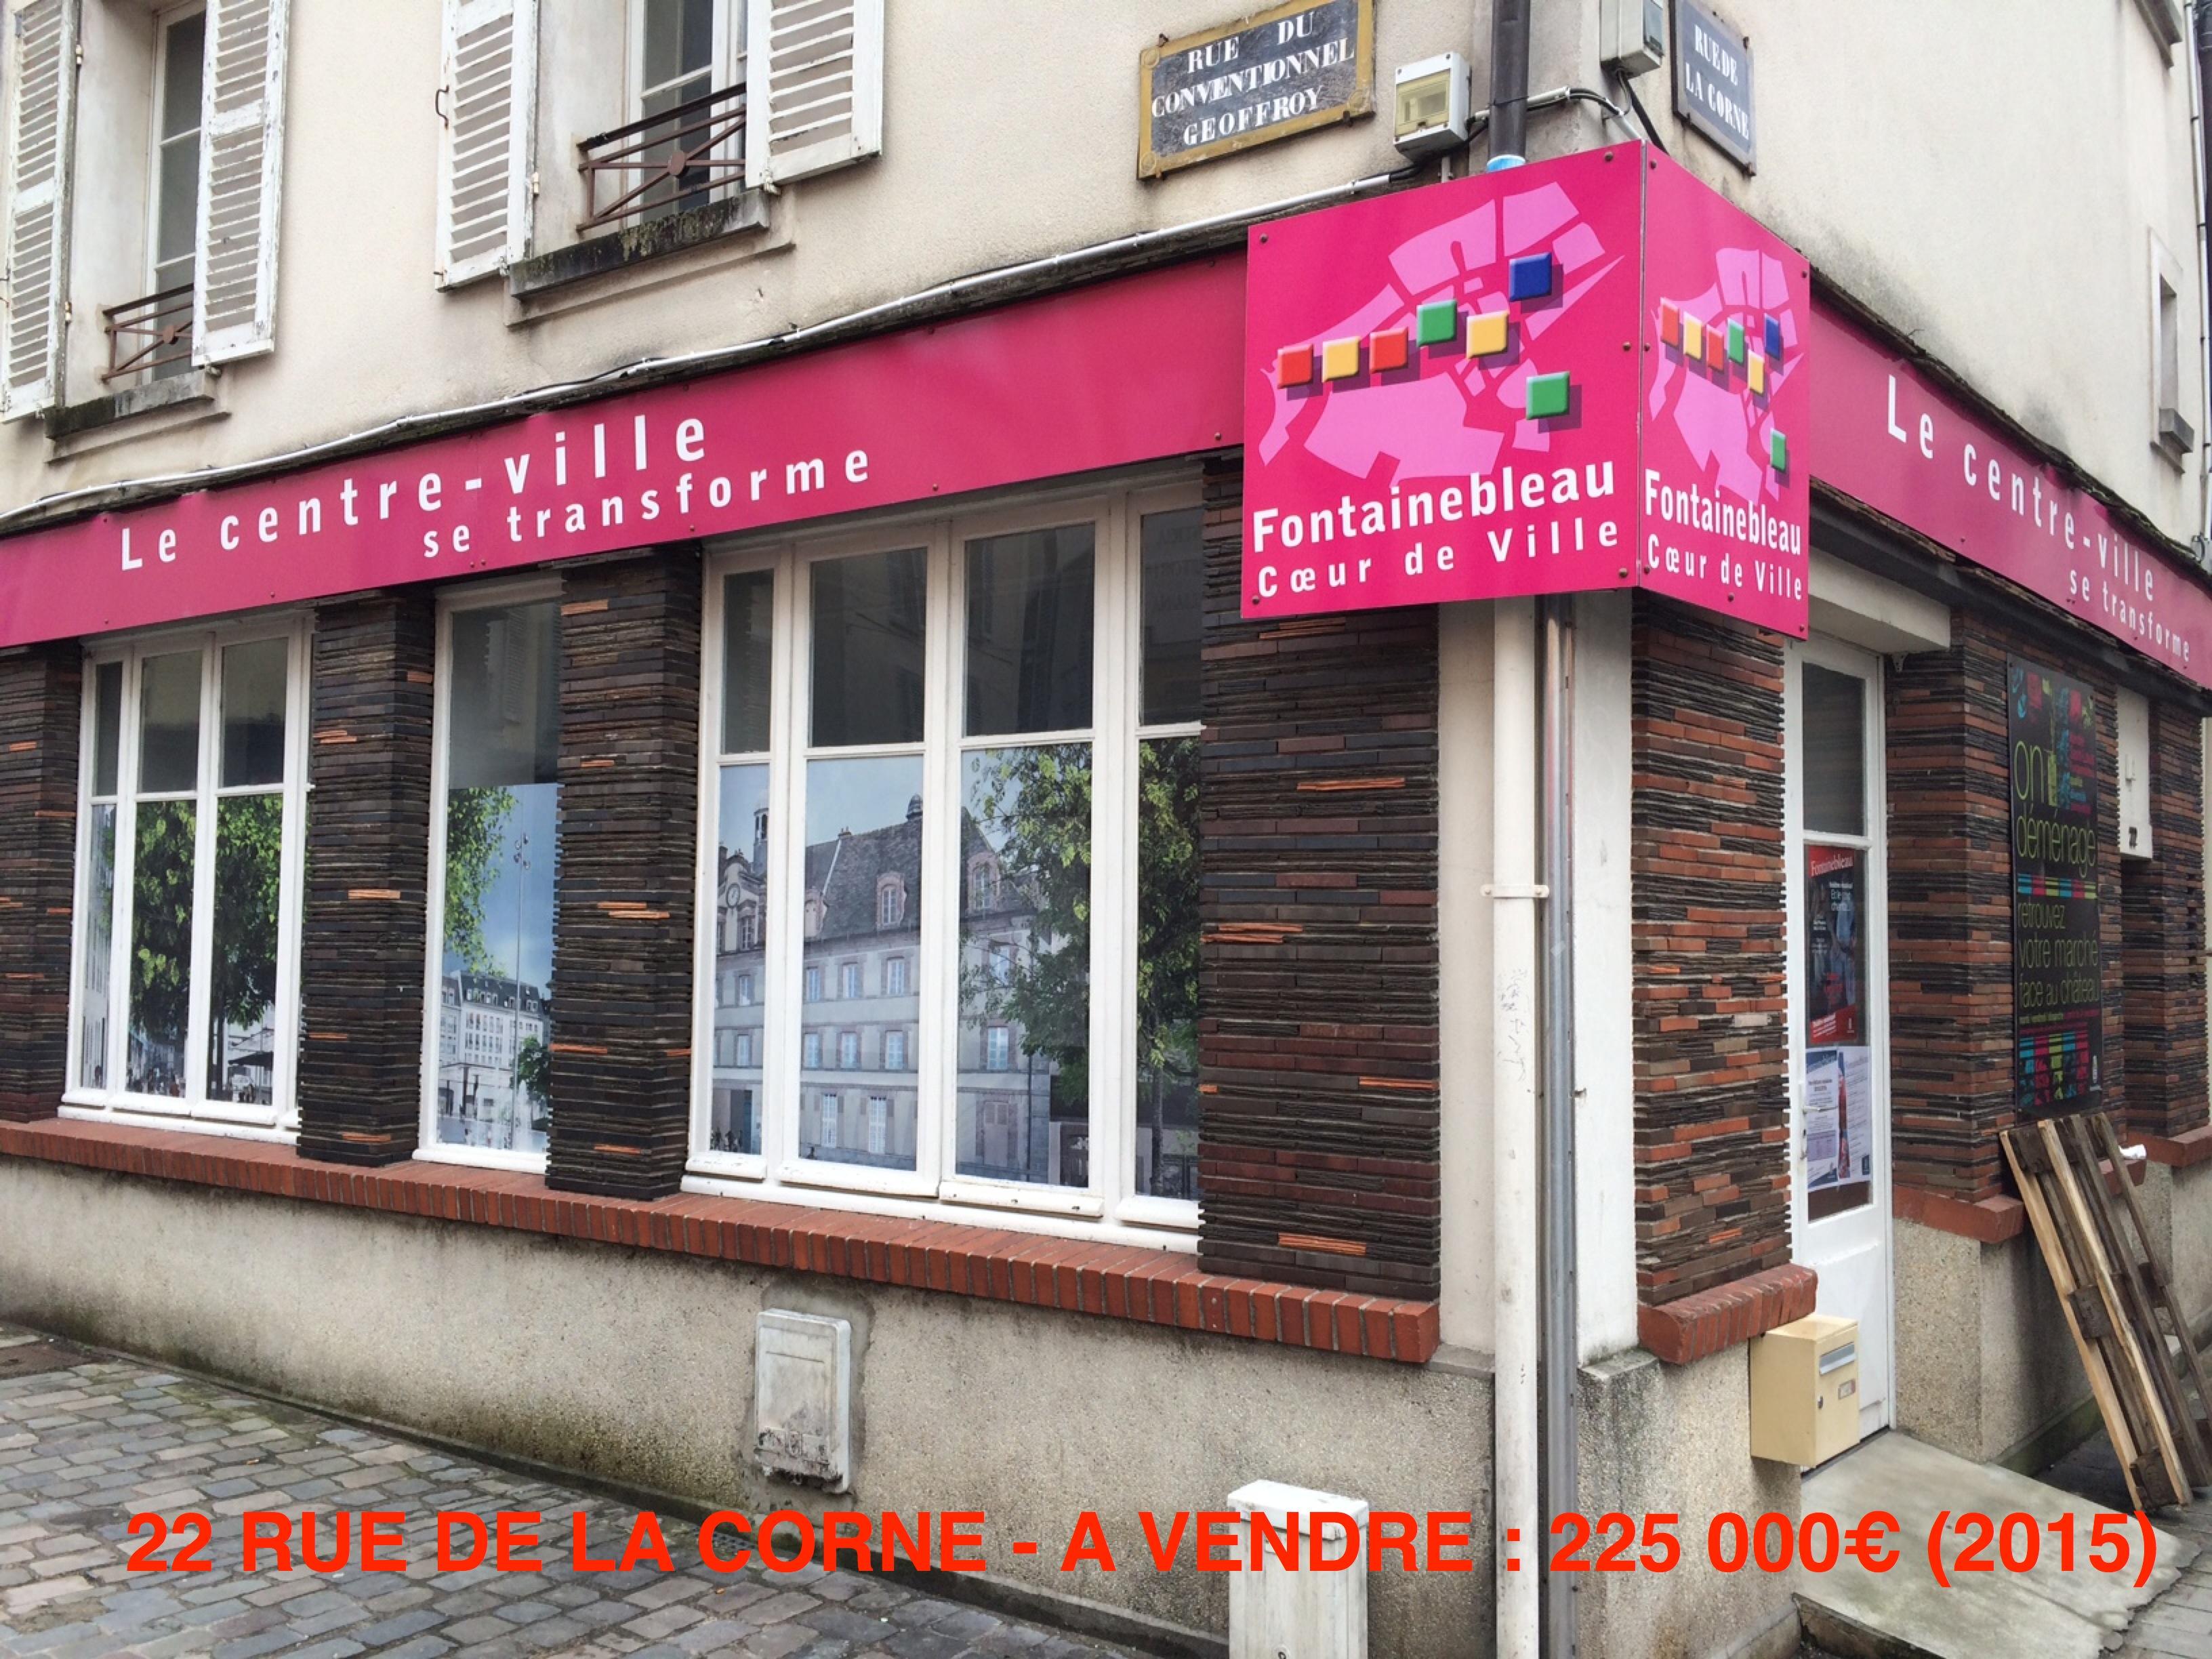 Rue de la corne - 225000€